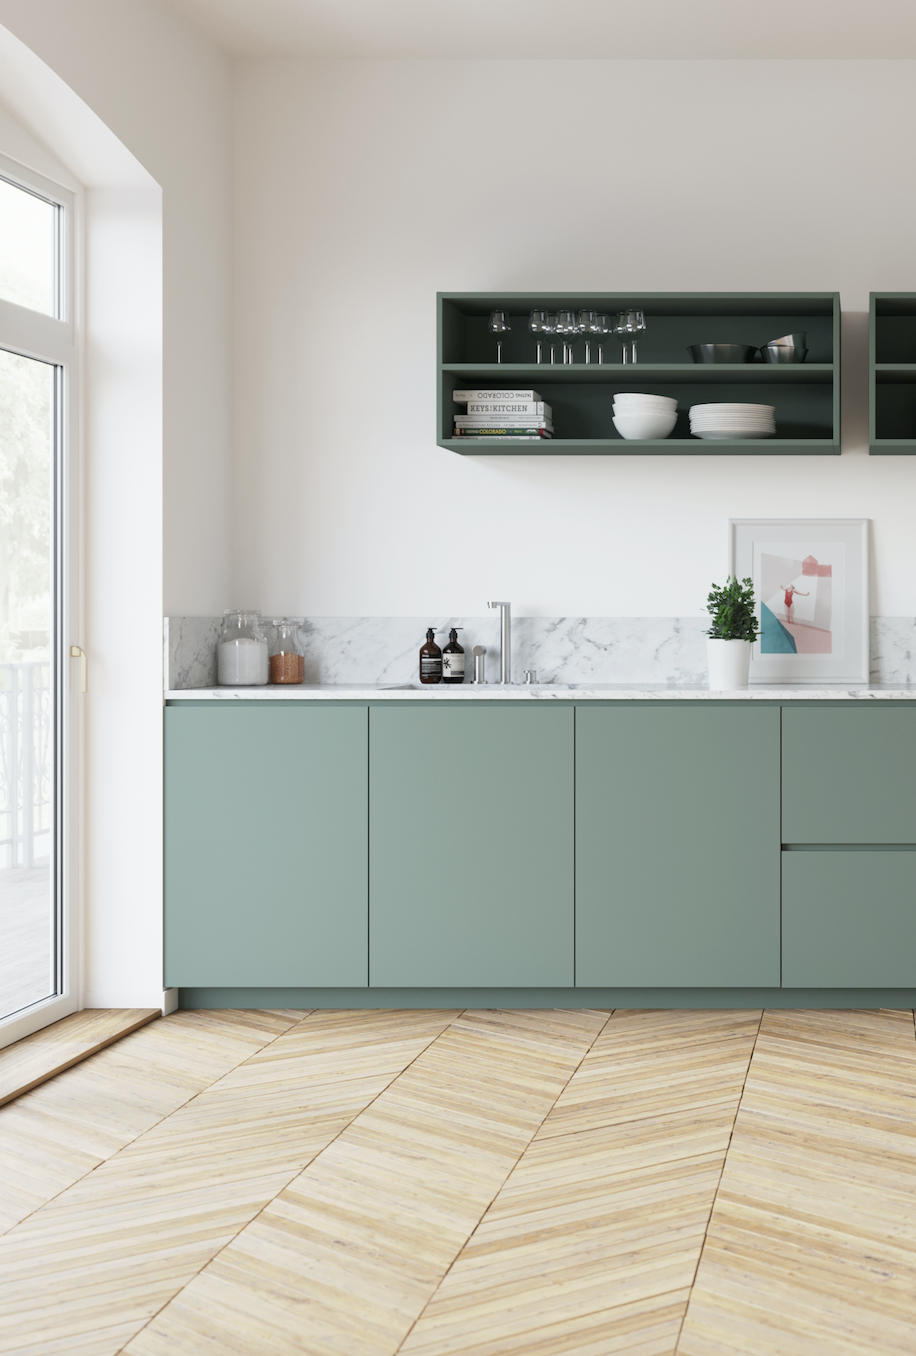 Pflaumenkuche Vert De Gris Kuche Chez Jules Antoine Antoine Jules Kuc Antoine Chez Gris Jules K In 2020 Kitchen Inspirations Kitchen Design Home Decor